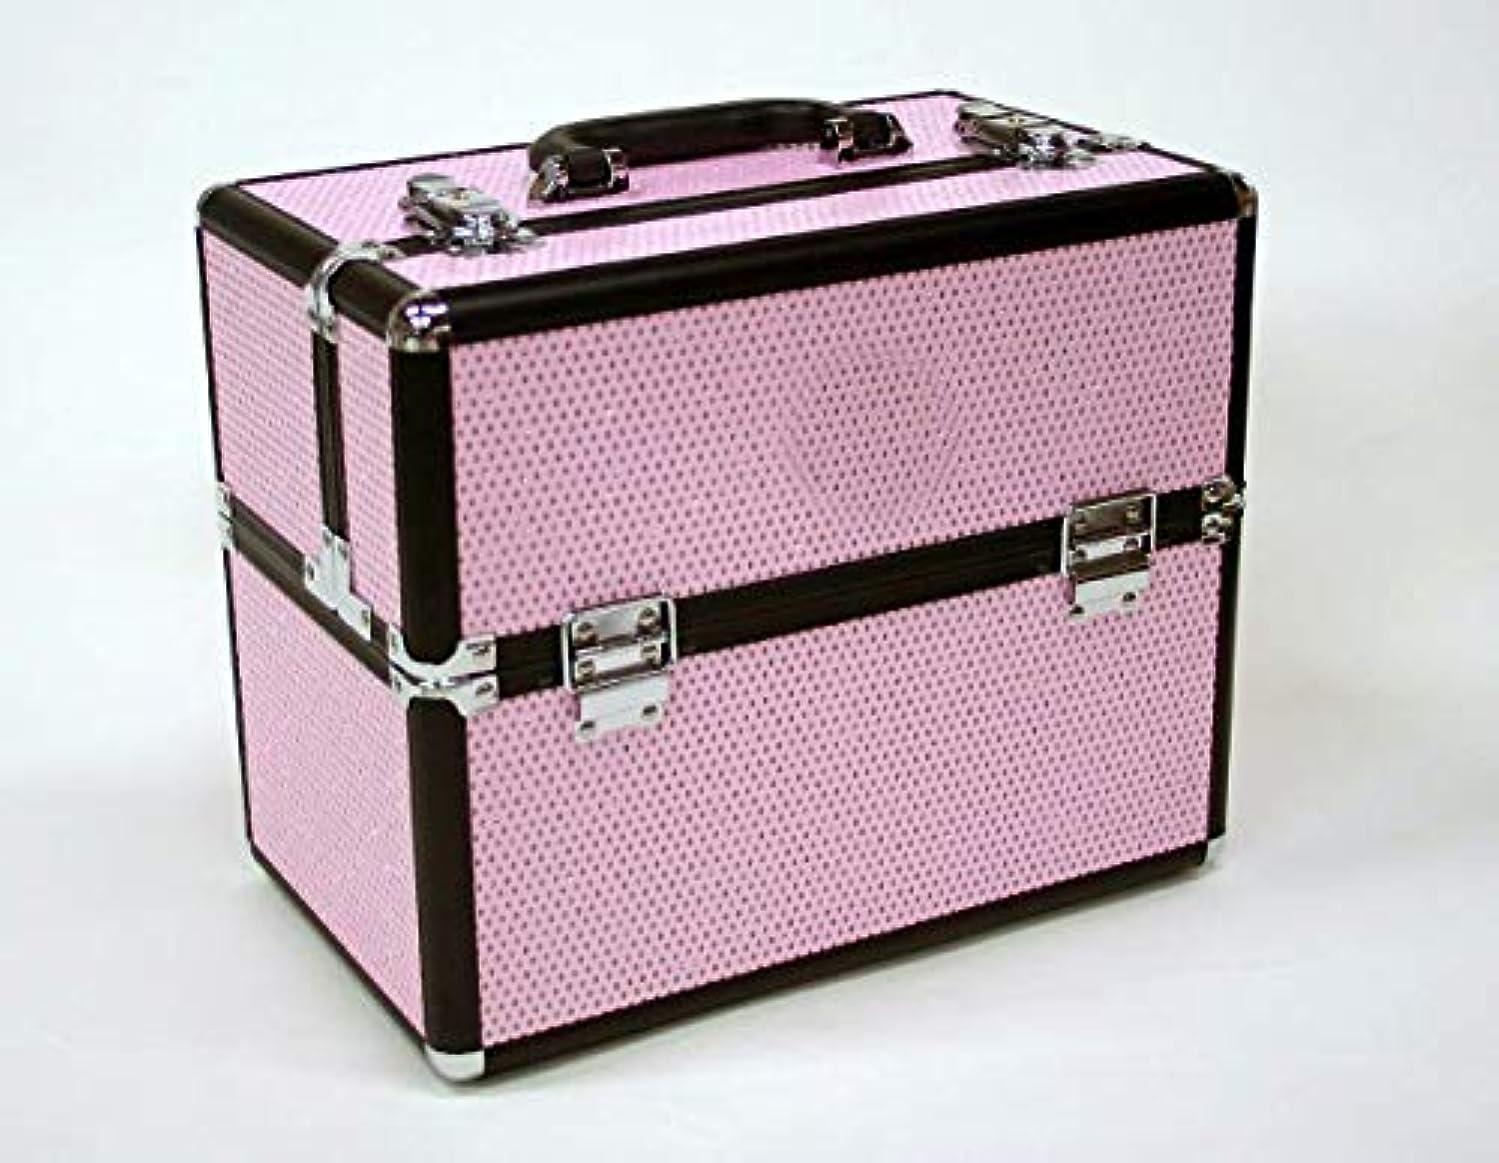 コンプライアンスケニア愛情メイクボックス|D2651IK-6|軽量タイプ|コスメボックス 化粧箱 メイクアップボックス|Make box MAKE UP BOX